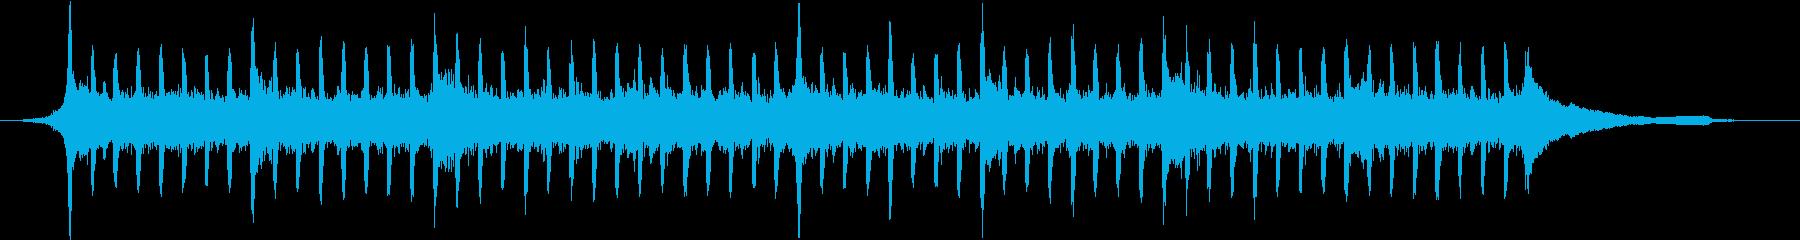 CM16/アコギ/爽やか/穏やか/感動的の再生済みの波形